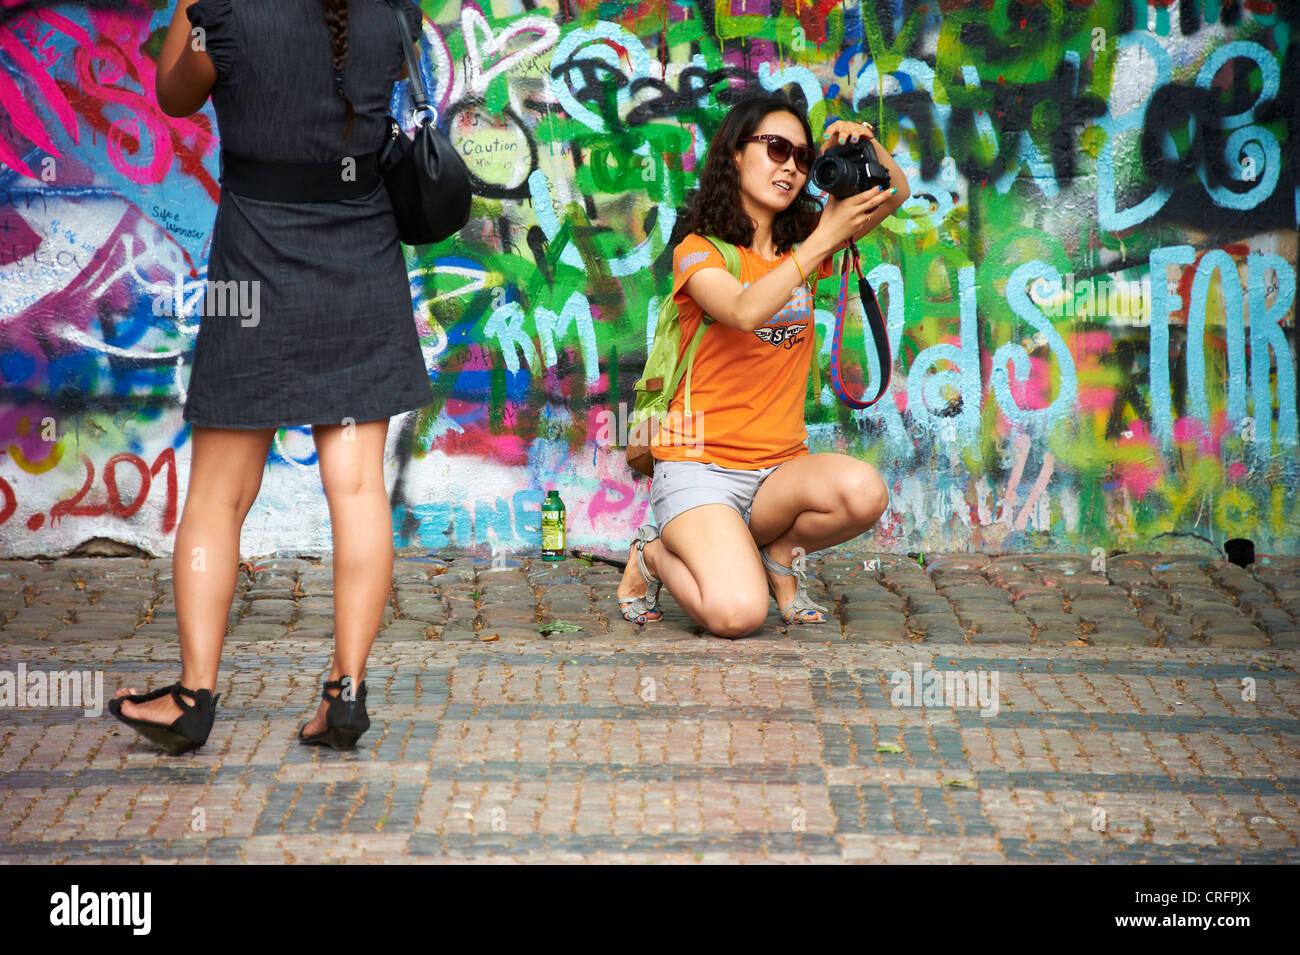 The John Lennon graffiti Wall in Prague, Czech Republic, tourist woman take a self photo - Stock Image